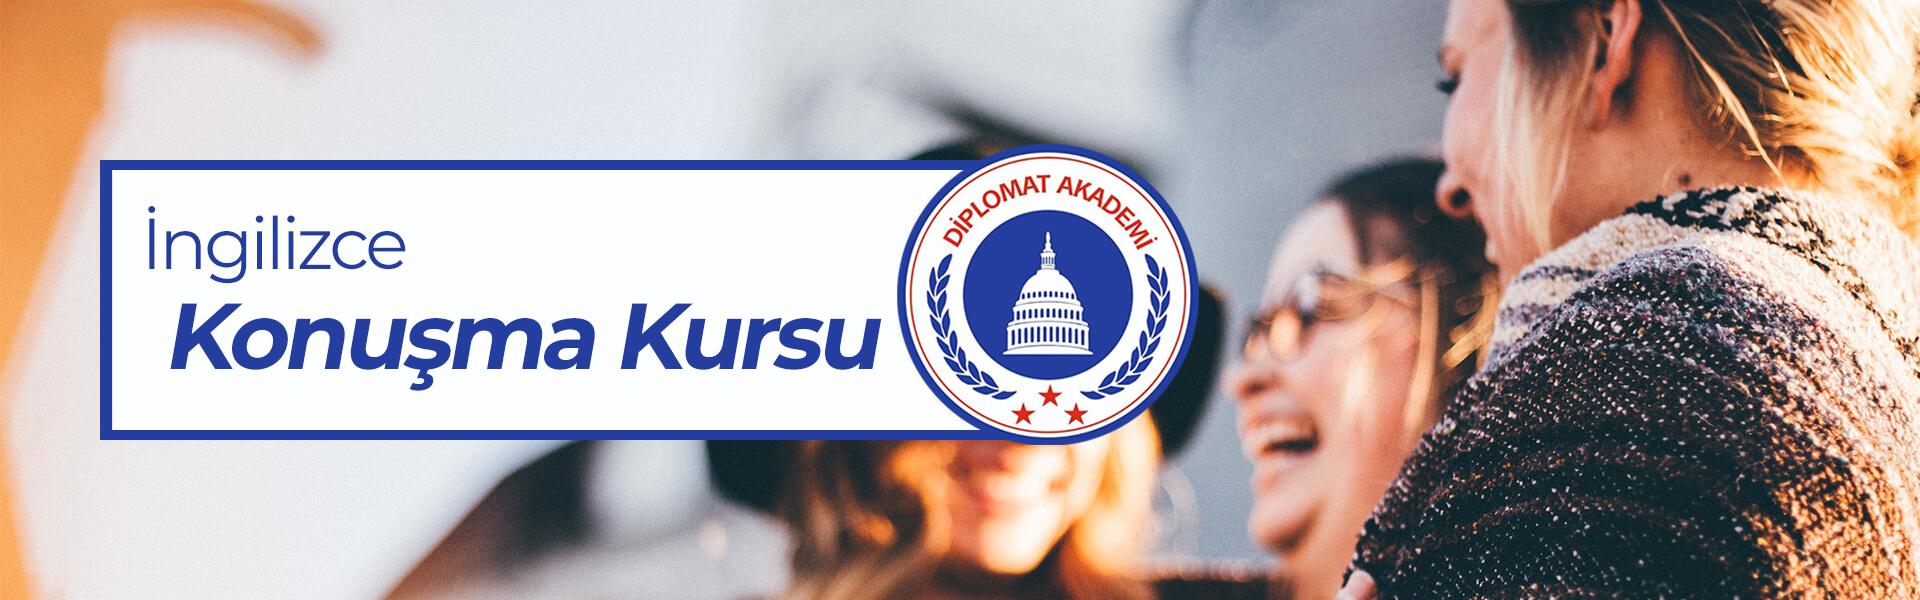 Ankara İngilizce Konuşma Kursu